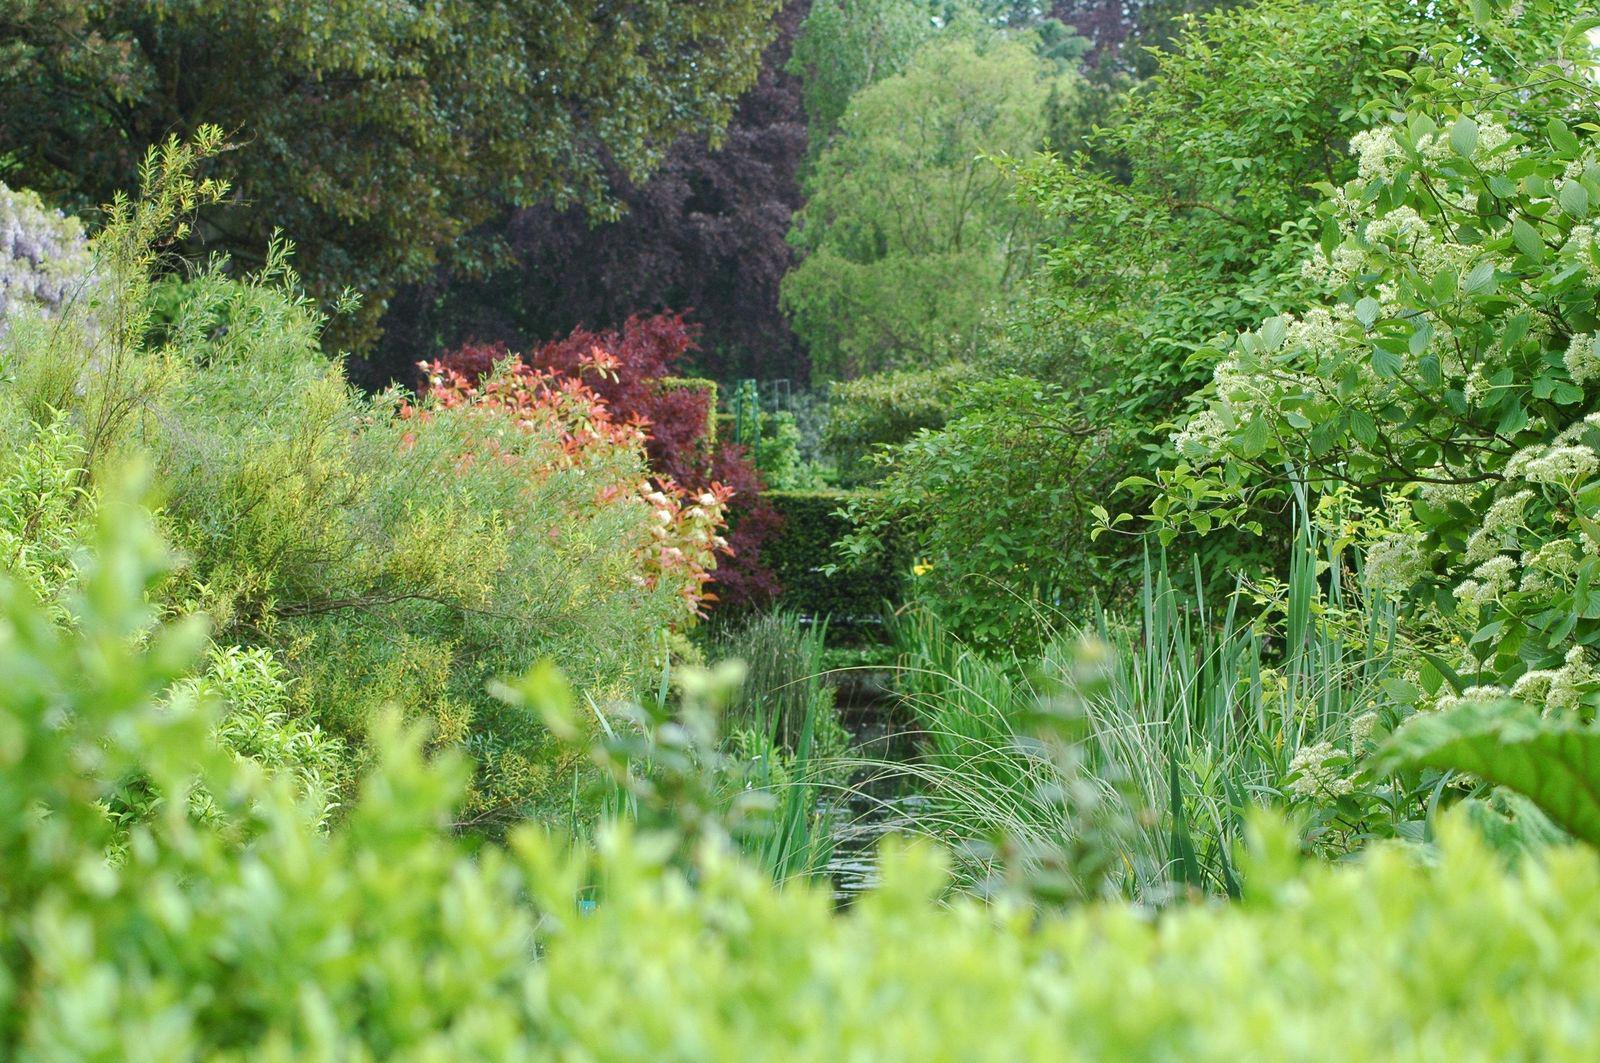 Jardin des plantes_Rouen